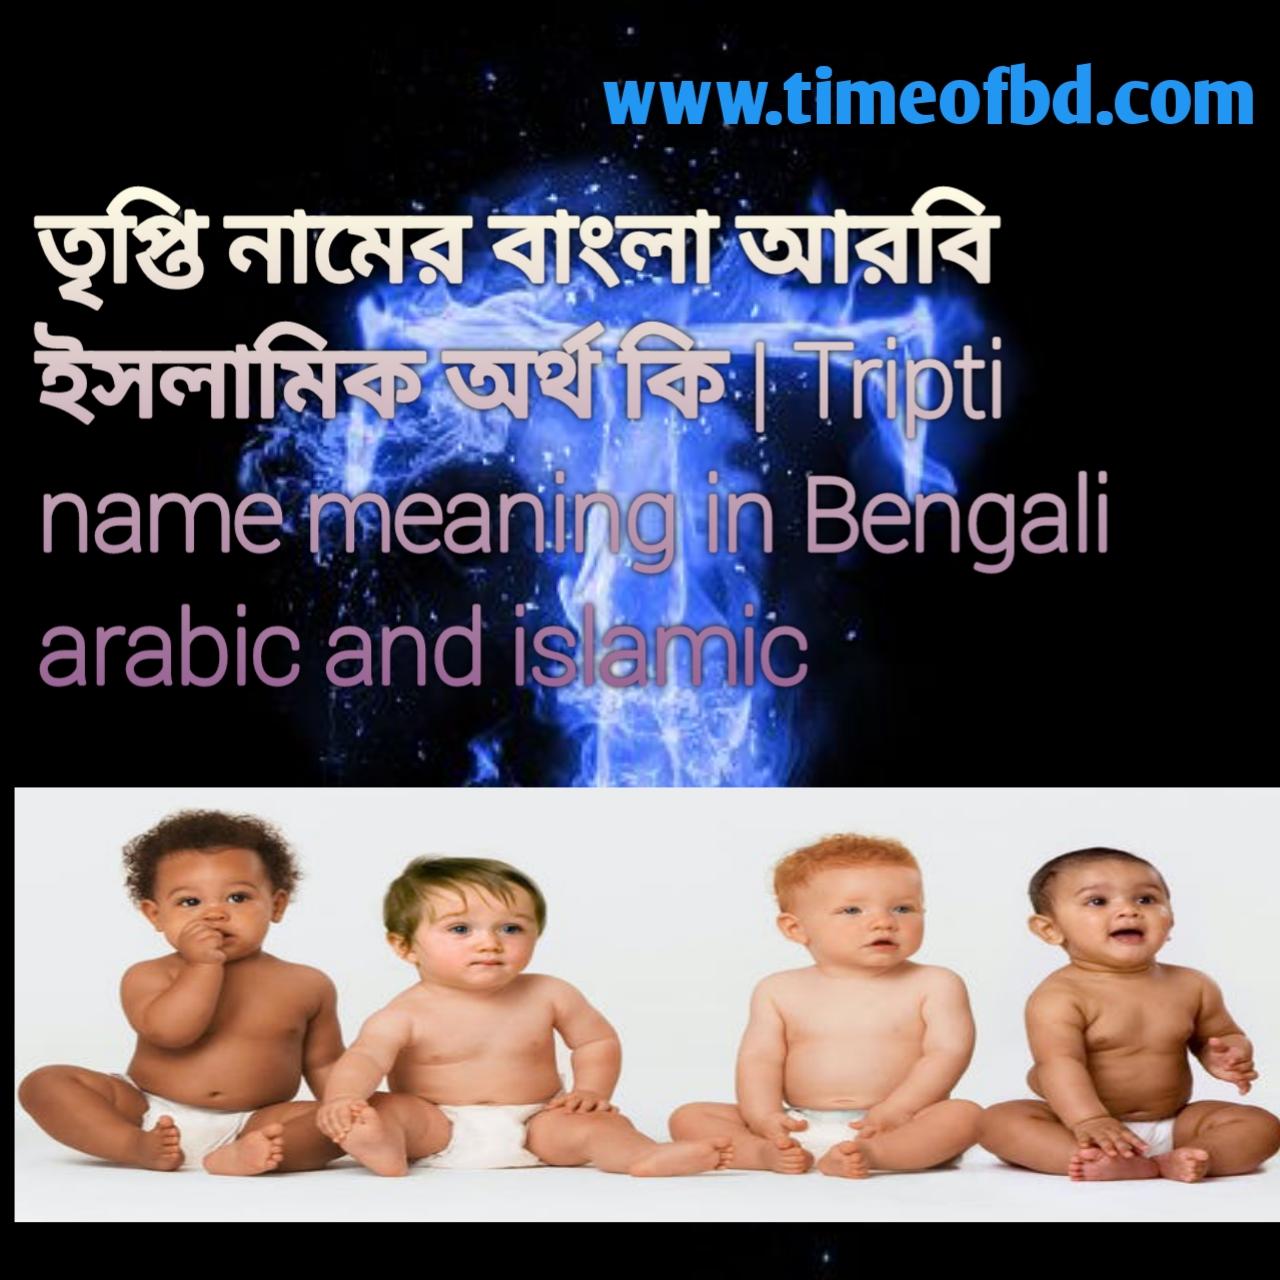 তৃপ্তি নামের অর্থ কি, তৃপ্তি নামের বাংলা অর্থ কি, তৃপ্তি নামের ইসলামিক অর্থ কি, Tripti name meaning in Bengali, তৃপ্তি কি ইসলামিক নাম,